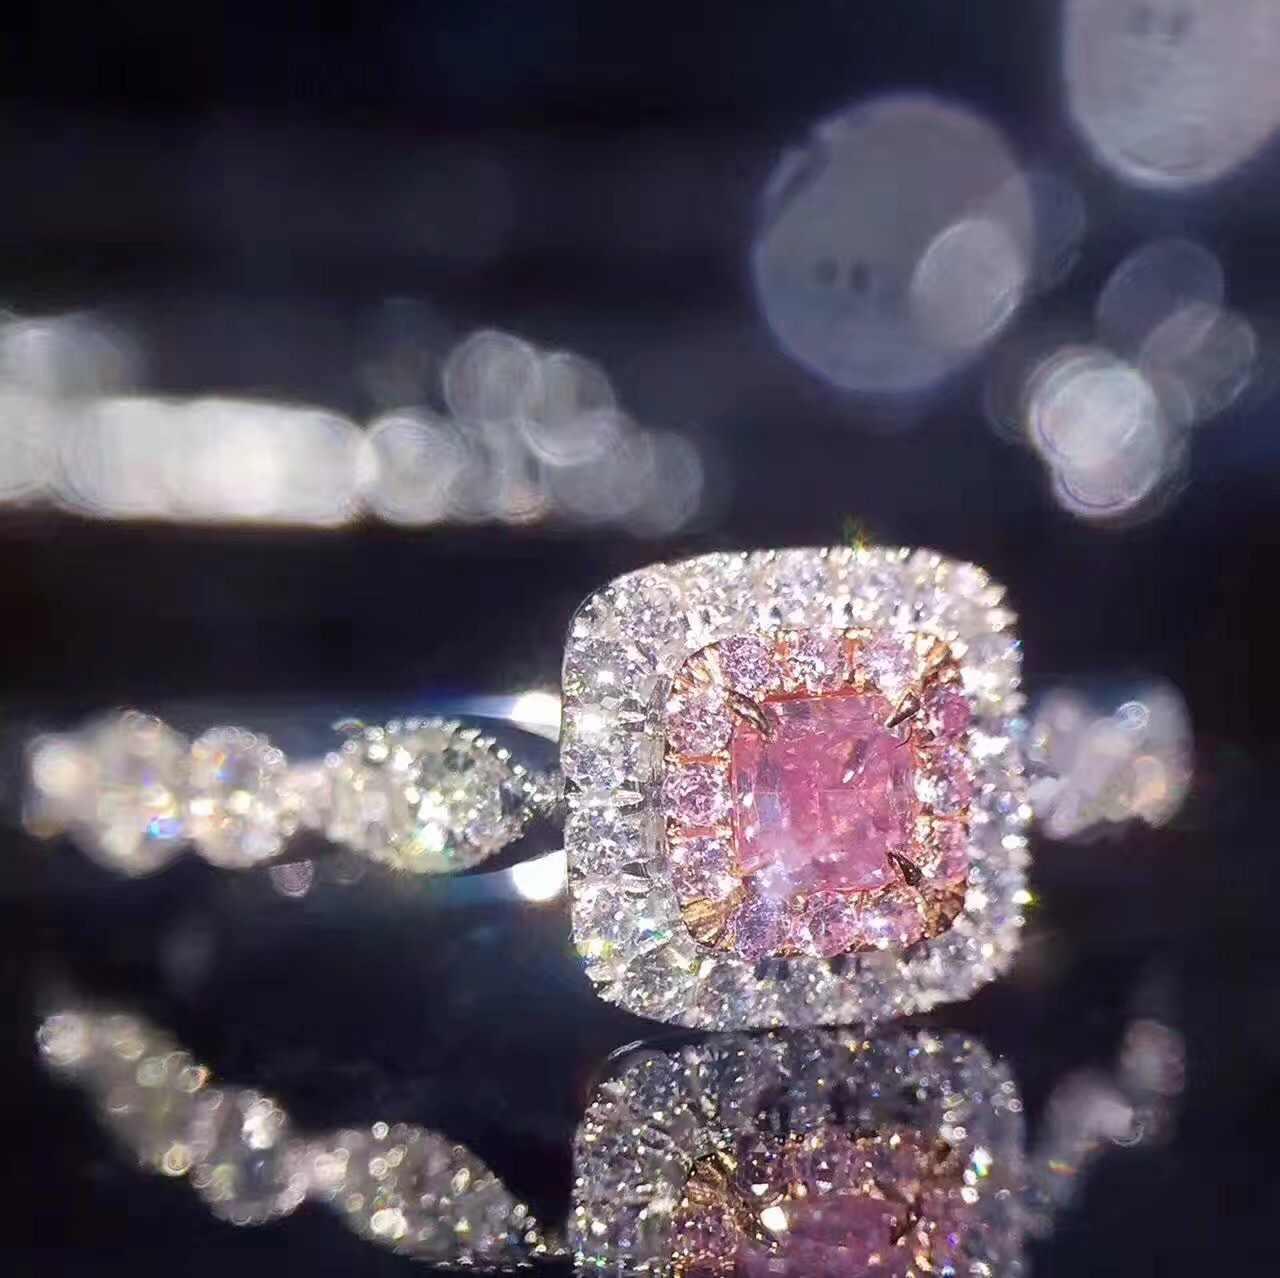 Квадратное кольцо роскошное 14 K Золотое кольцо с розовым бриллиантом обручальное кольцо драгоценный камень аметист кольца для женщин anillos ювелирные изделия Перидот Bizuteria